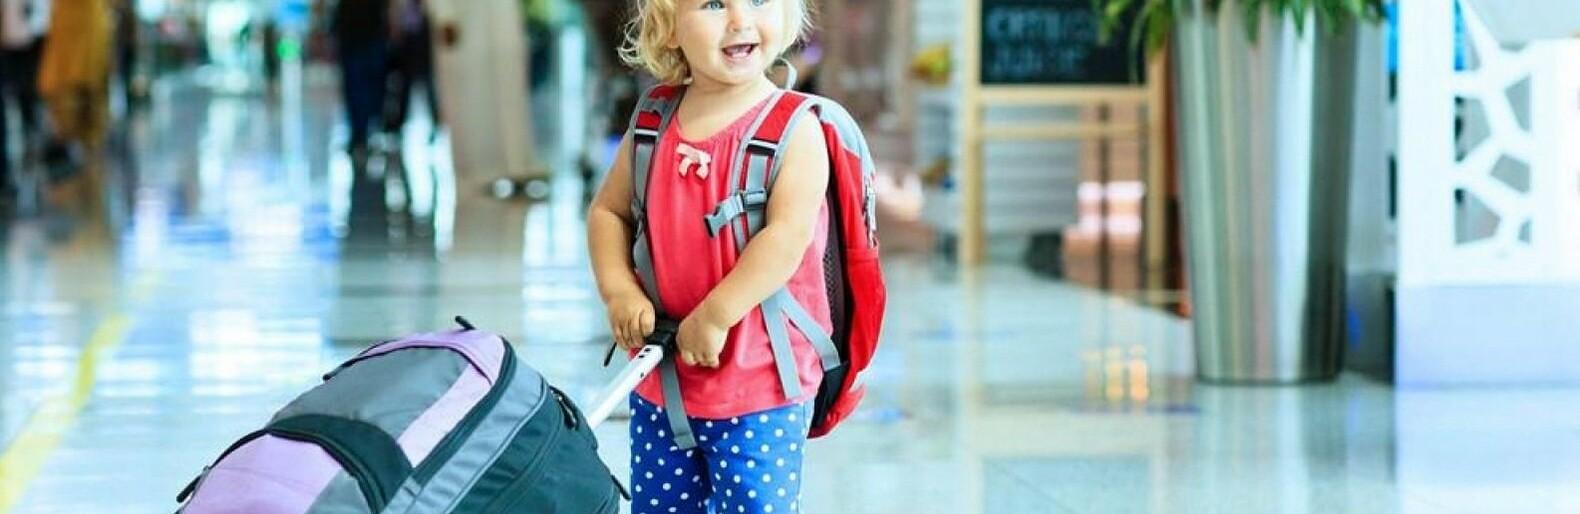 Як поїхати за кордон з дитиною без згоди одного з батьків - поради хмельничанам